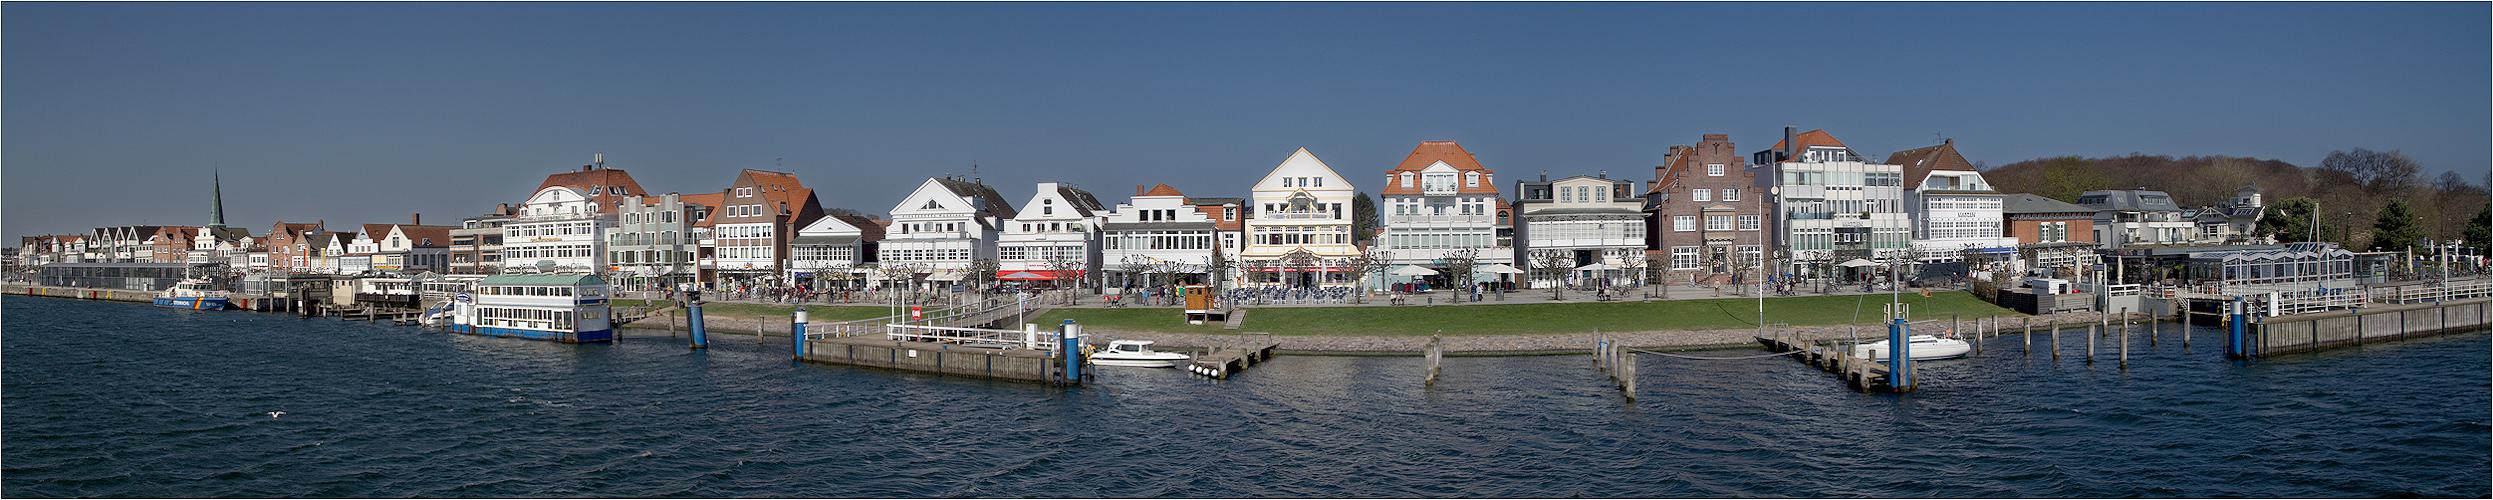 Hafen Travemünde